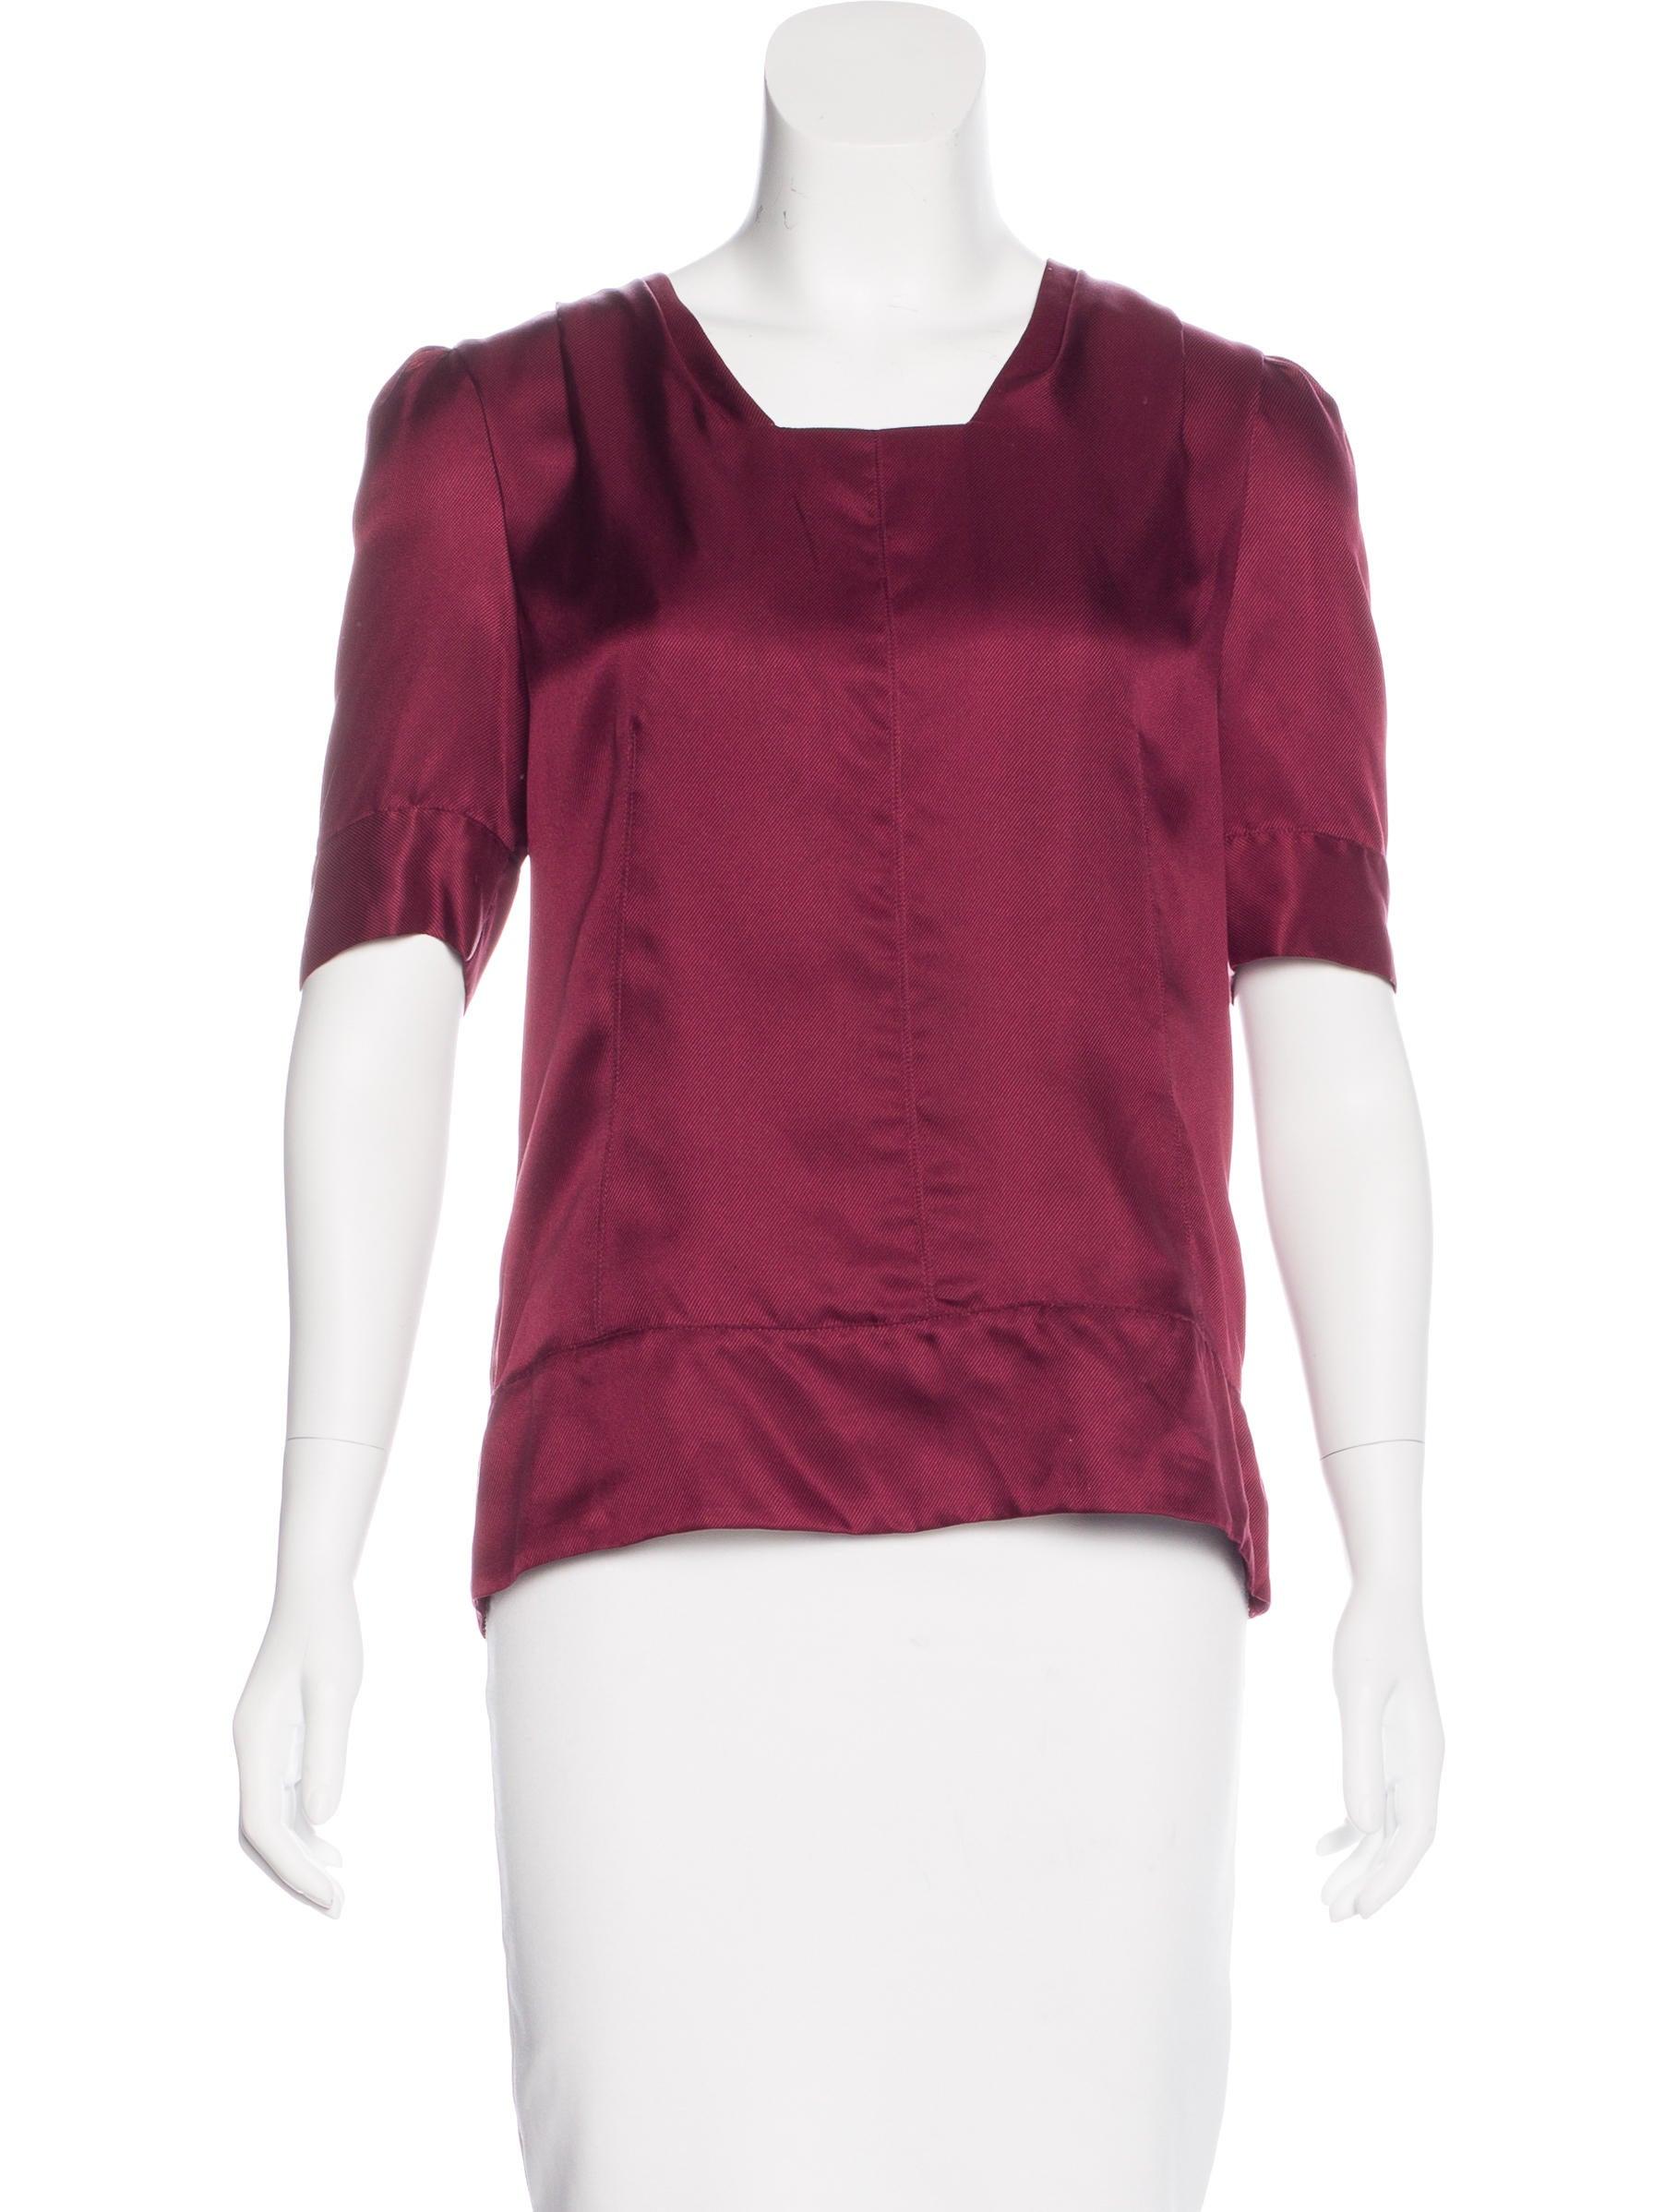 Proenza Schouler Silk Short Sleeve Top